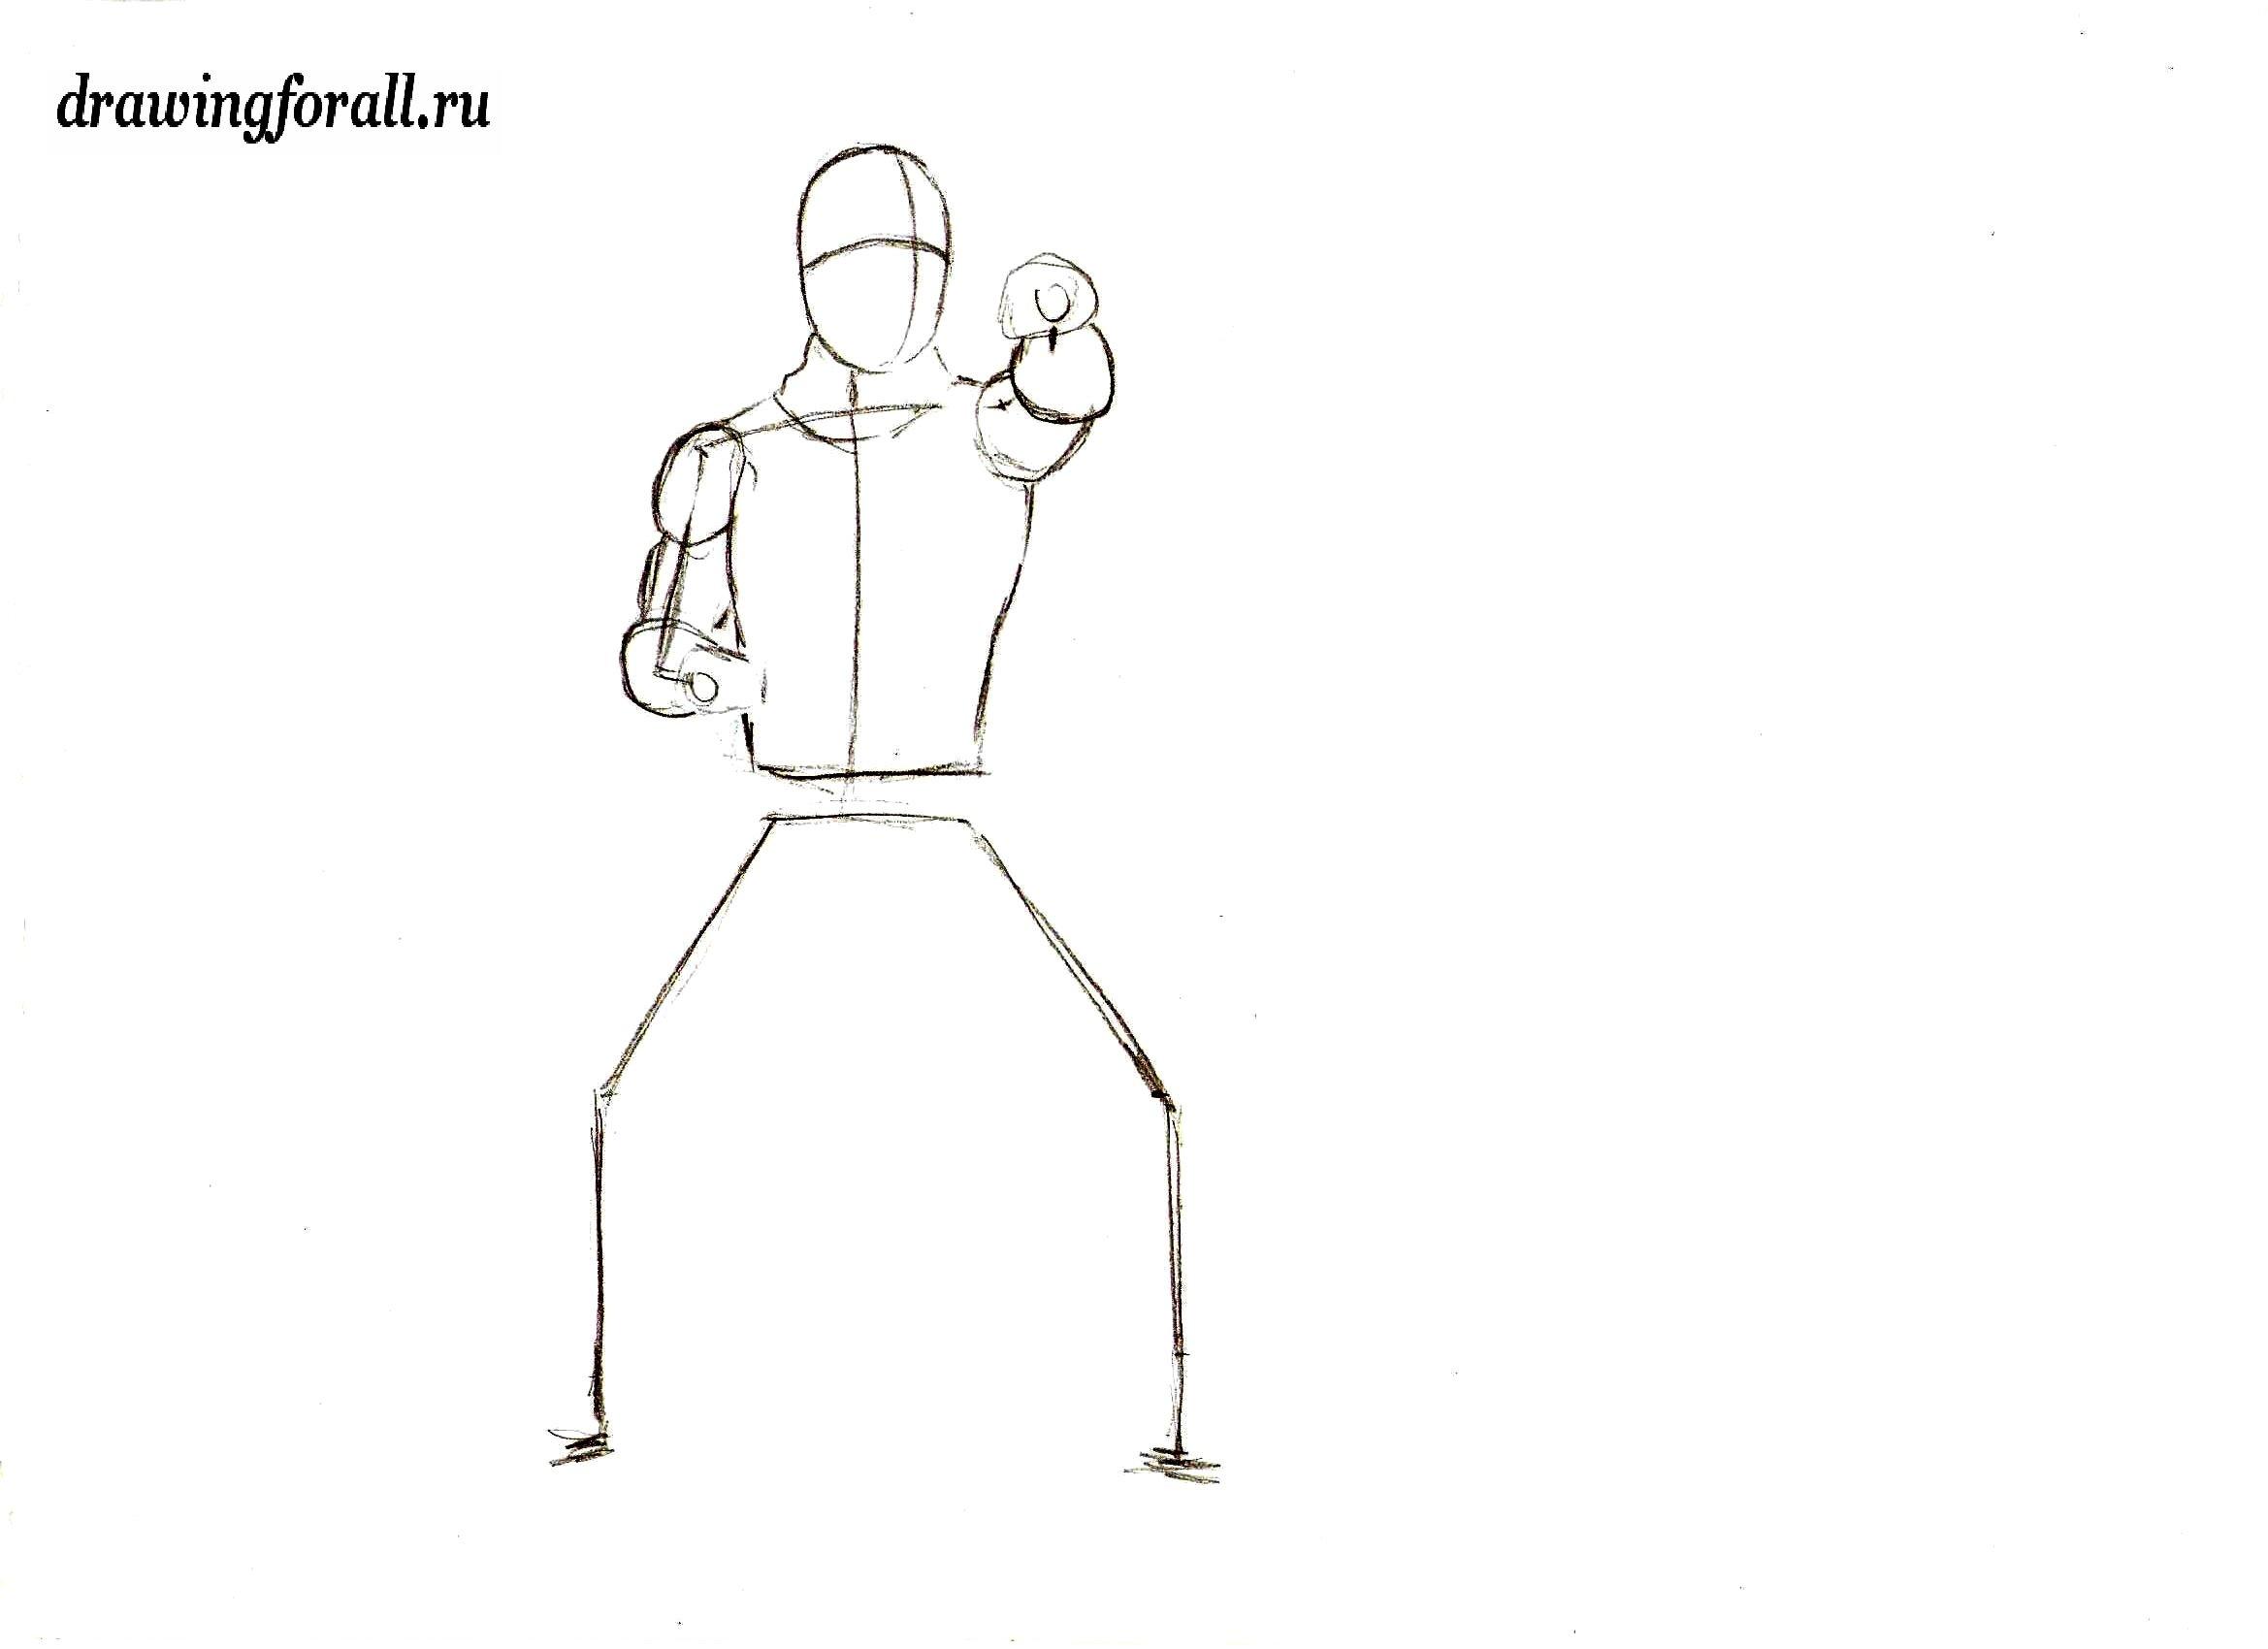 как нарисовать ниндзя человека